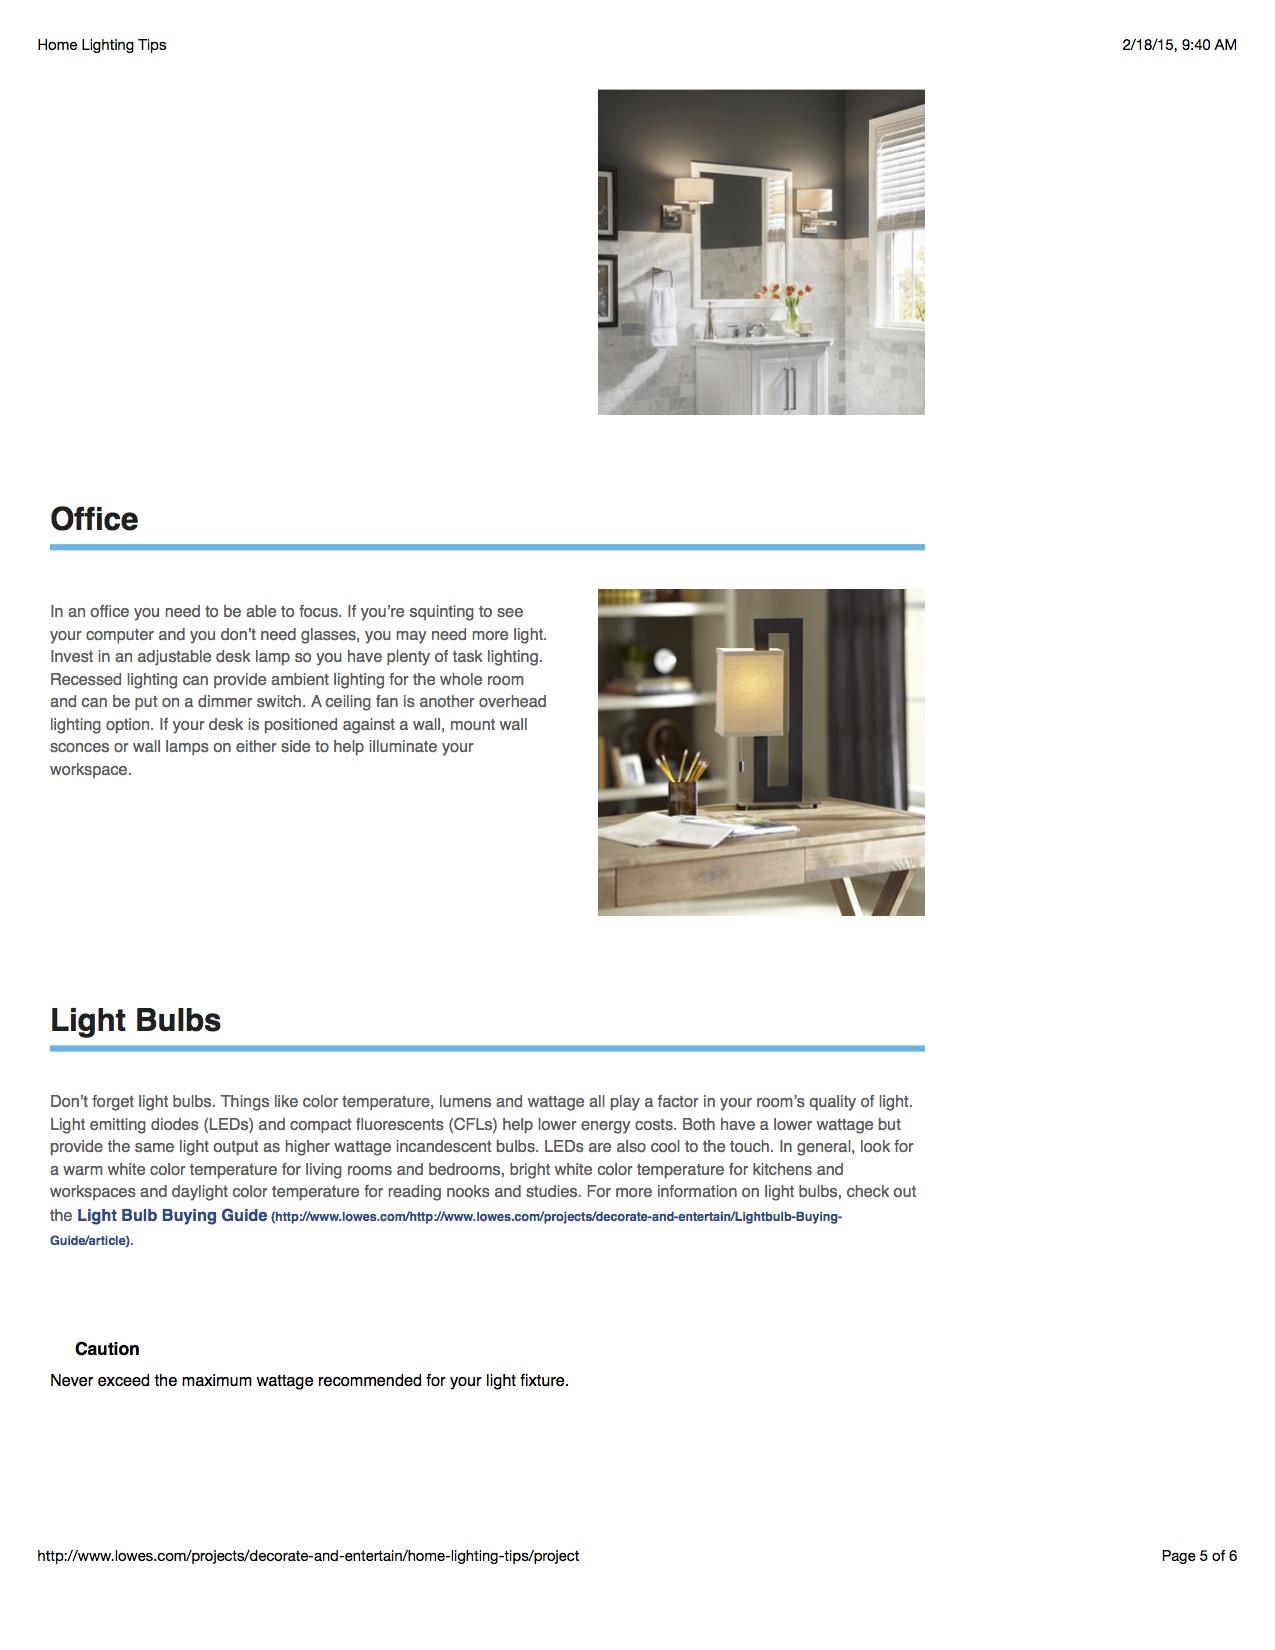 Home Lighting Tips_5.jpg